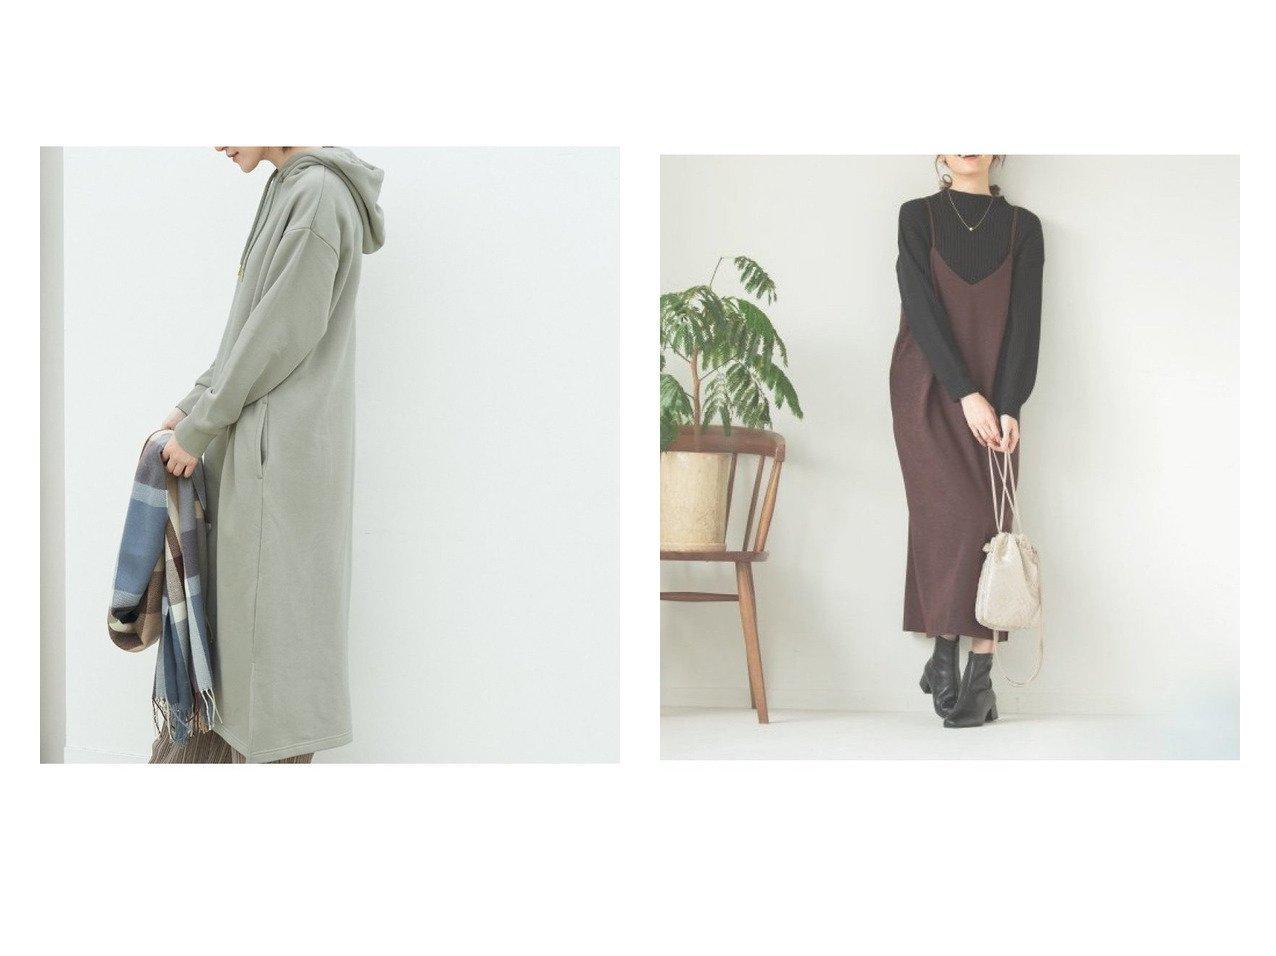 【Rope Picnic/ロペピクニック】の裏起毛裏毛フードワンピース&【GLOBAL WORK/グローバルワーク】のスウェードサテンキャミワンピ ワンピース・ドレスのおすすめ!人気、レディースファッションの通販 おすすめで人気のファッション通販商品 インテリア・家具・キッズファッション・メンズファッション・レディースファッション・服の通販 founy(ファニー) https://founy.com/ ファッション Fashion レディース WOMEN ワンピース Dress キャミワンピース No Sleeve Dresses シンプル パーカー ボトム ポケット レギンス カットソー キャミワンピース スリット タートル  ID:crp329100000002961